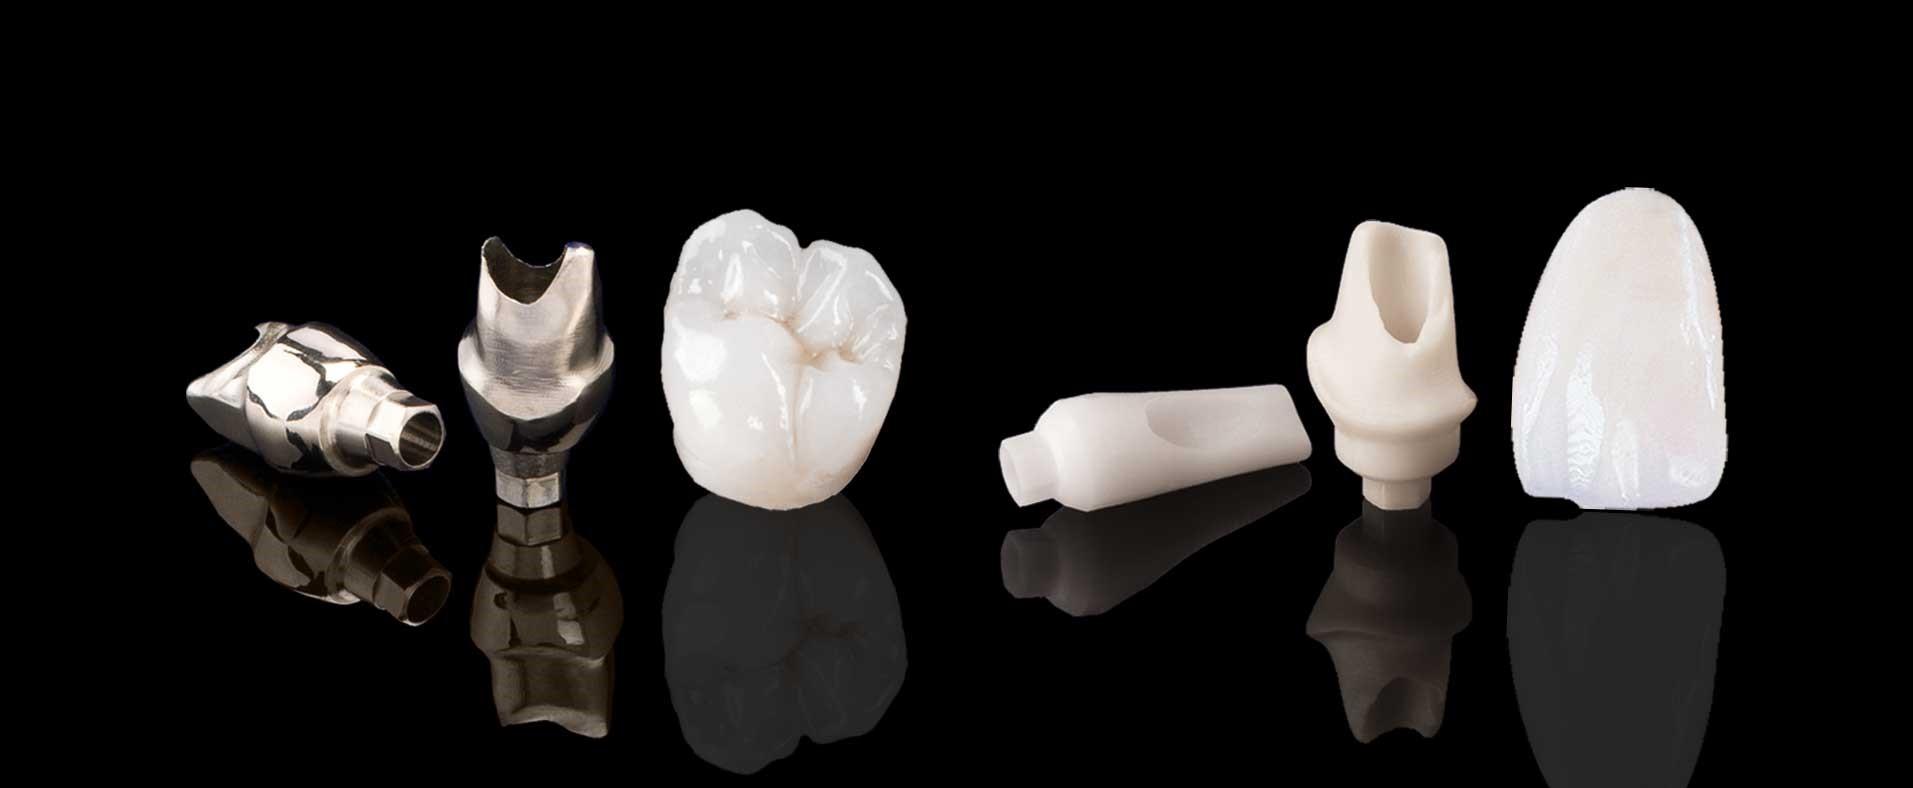 پروتزهای زیرکونیا برای درمان حساسیت و پوسیدگی دندان